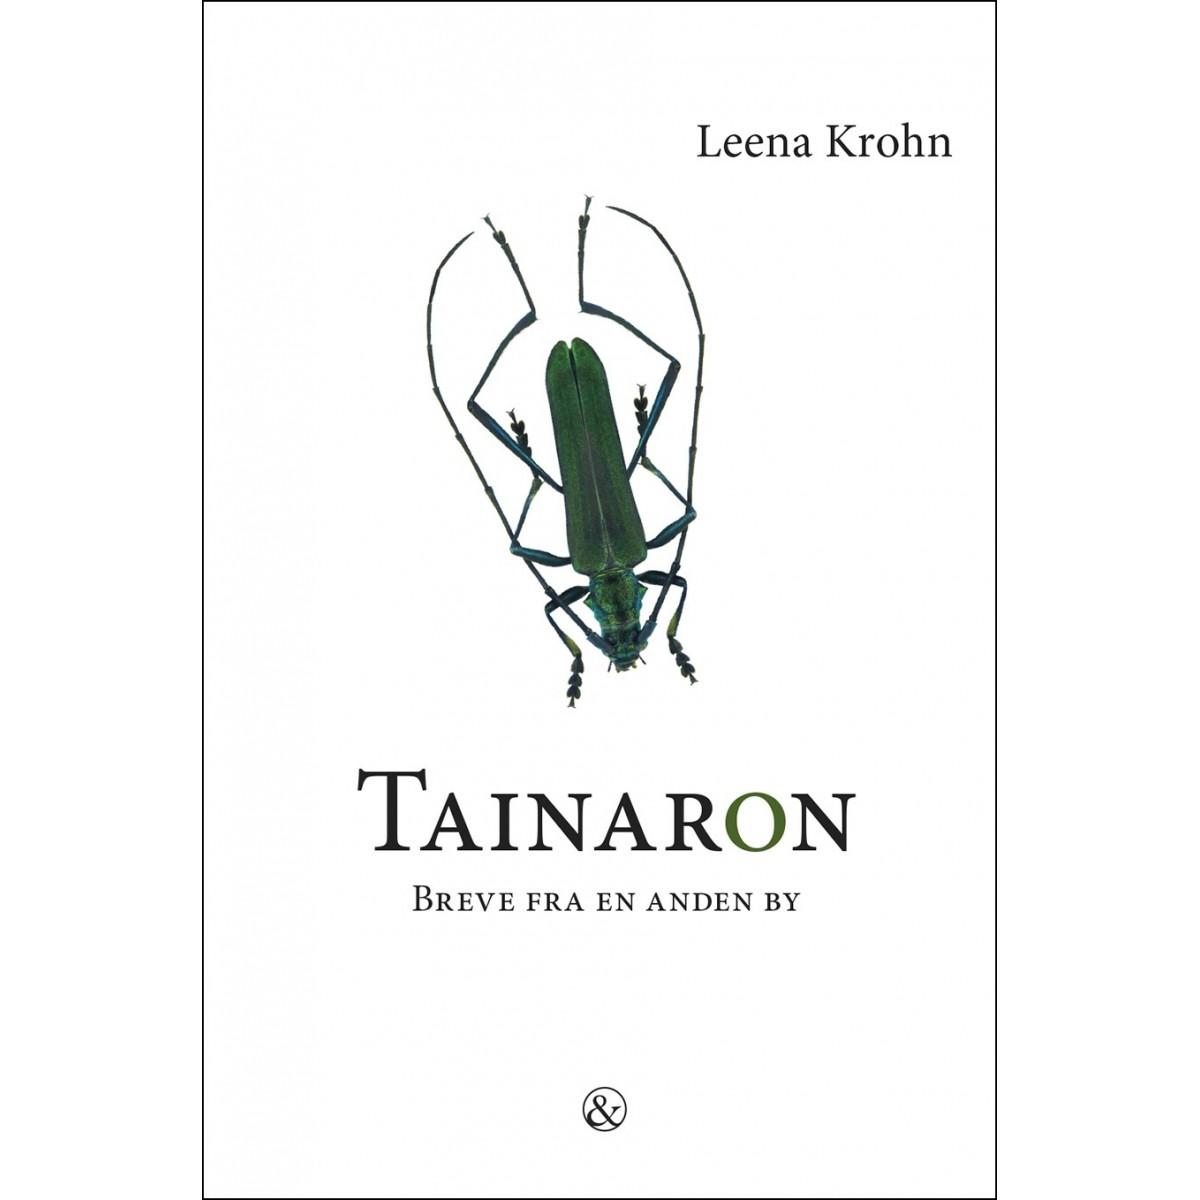 Leena Krohn: Tainaron - Breve fra en anden by